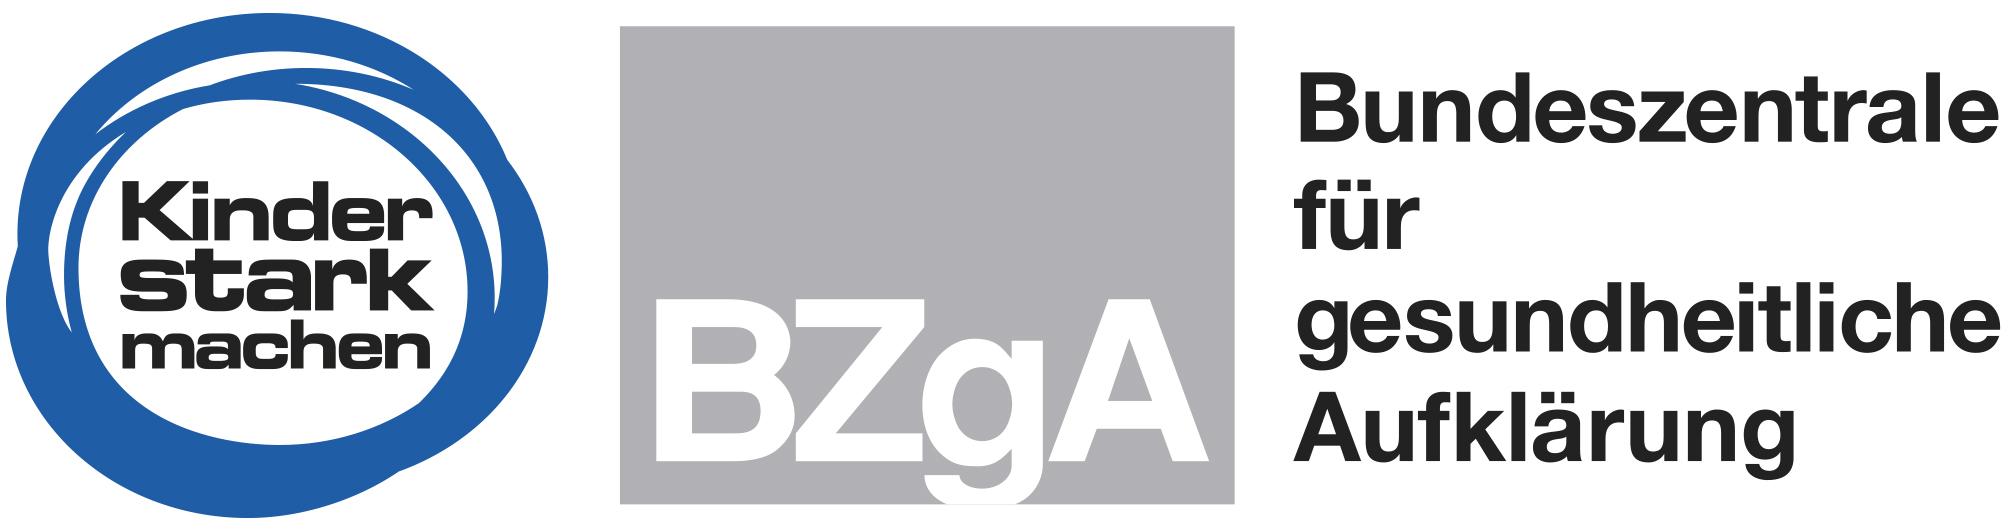 KSM_Logo+BZgA_neu2018.indd